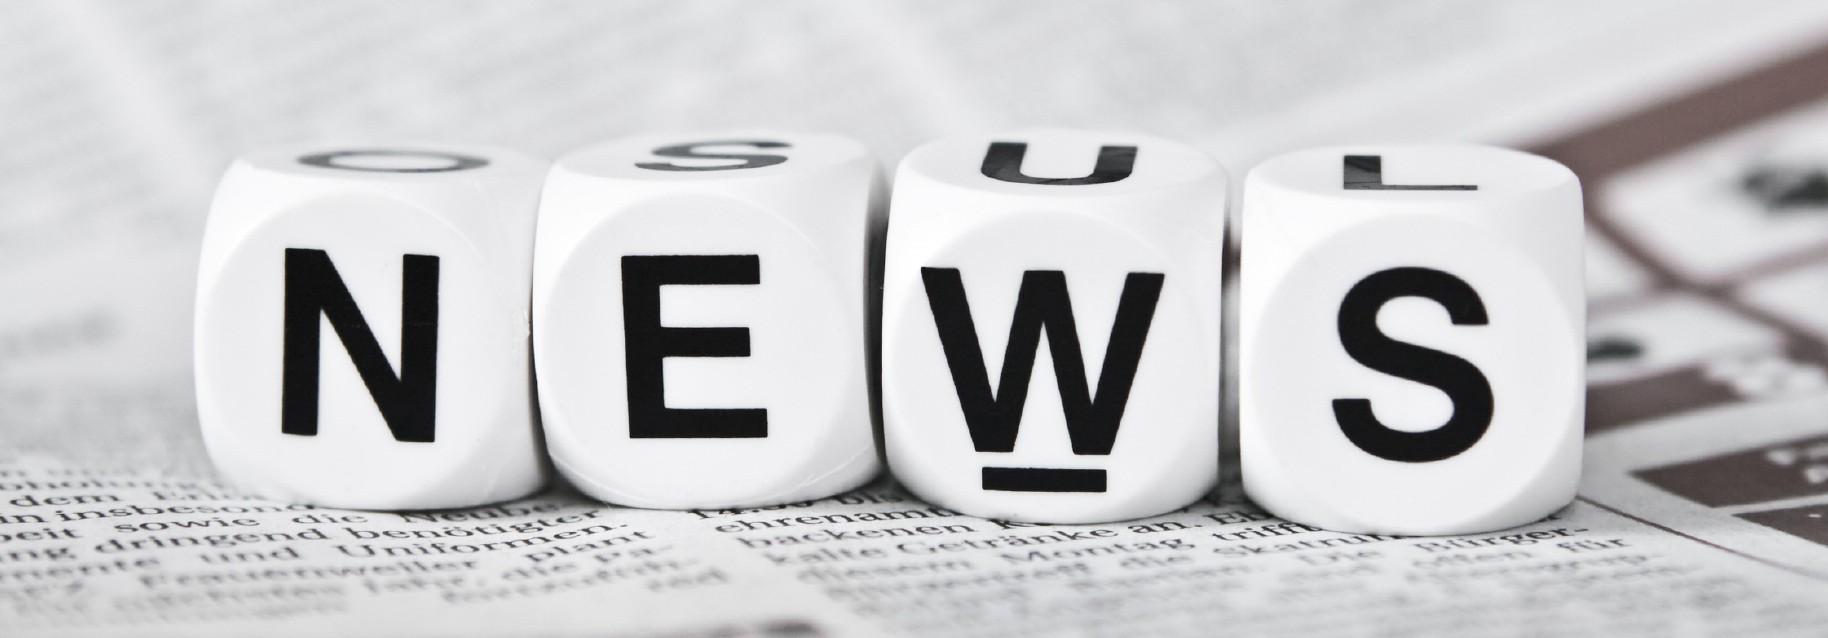 Noticias en el mundo